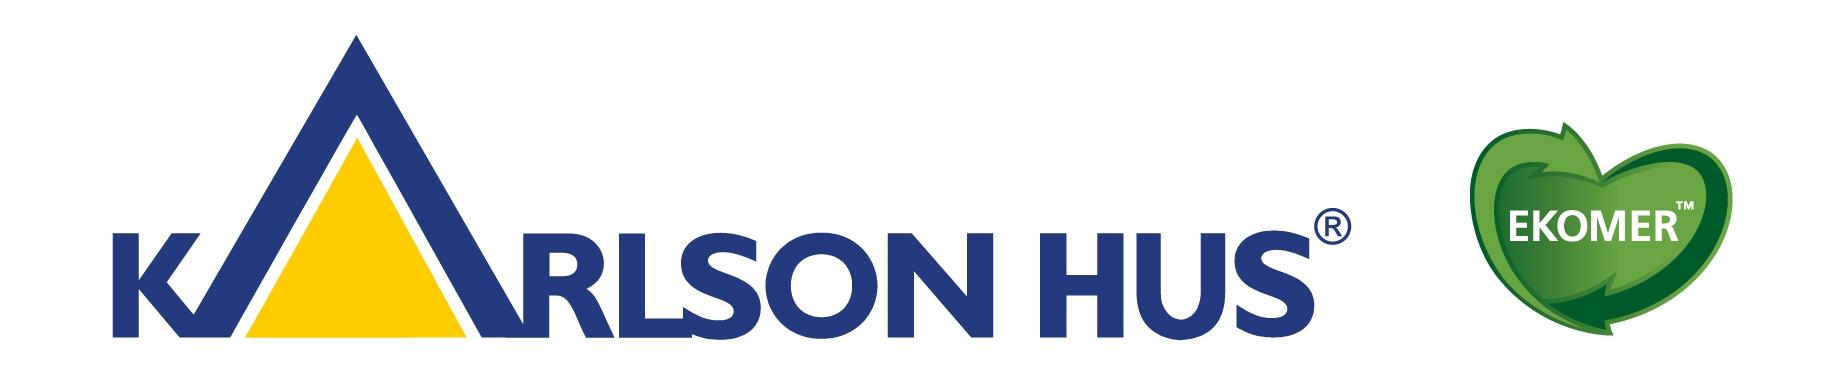 Logo Karlson Hus